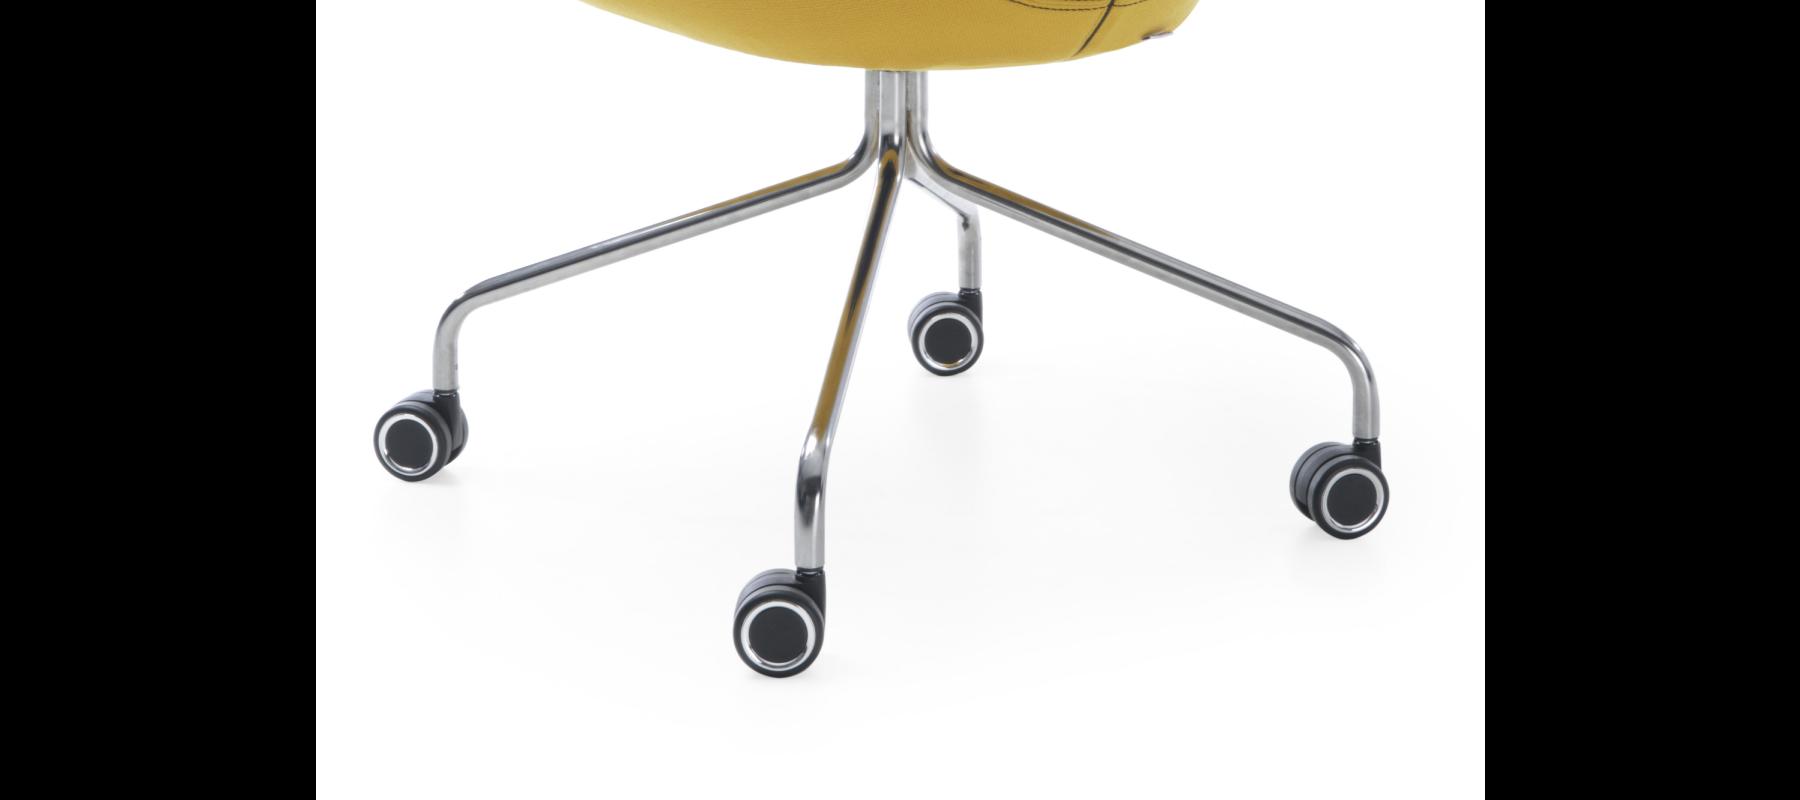 krzesla konferencyjne fan detale - 07